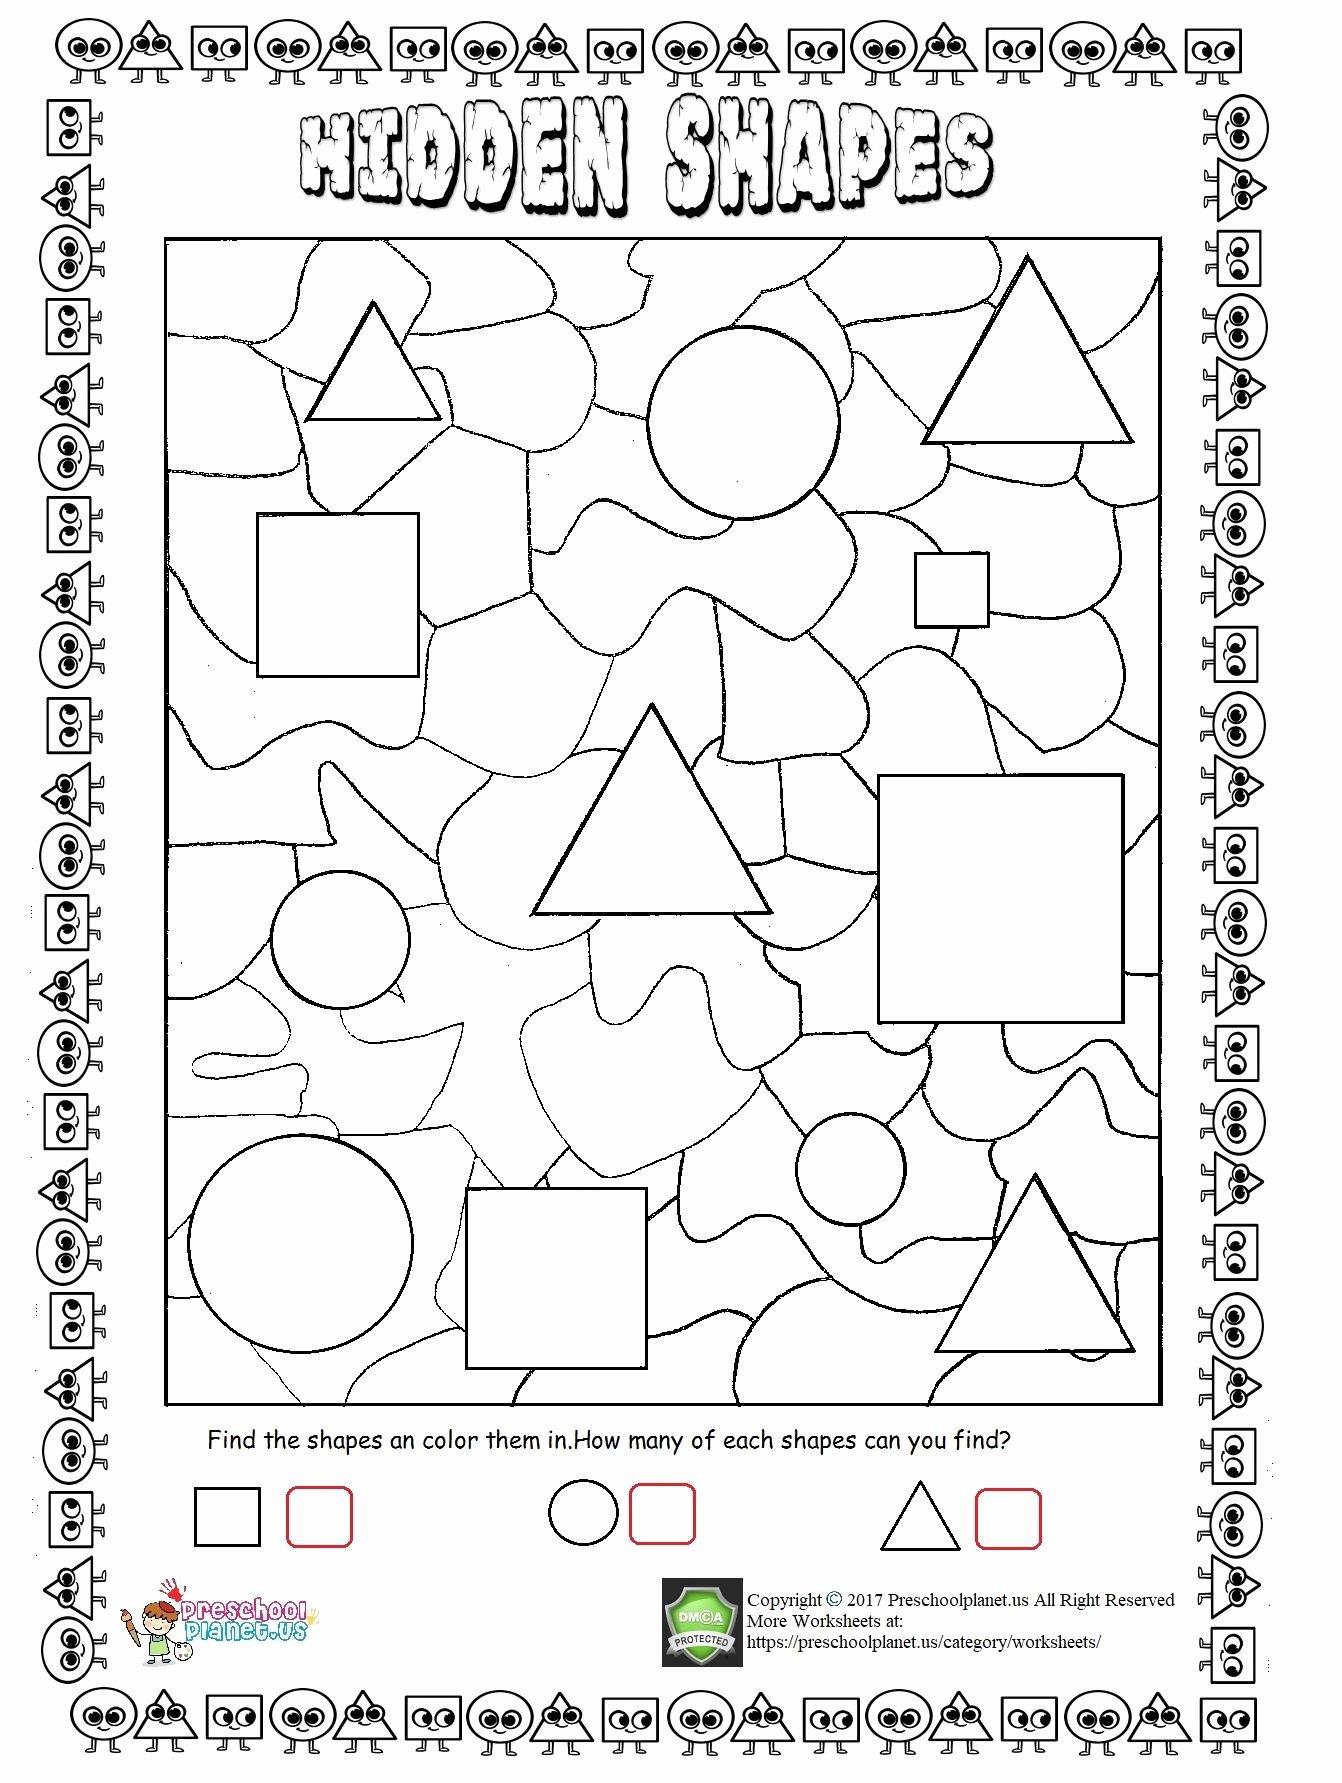 Shape Review Worksheets for Preschoolers Kids Hidden Shapes Worksheet Görüntüler Ile Boyama Kitapları Okul